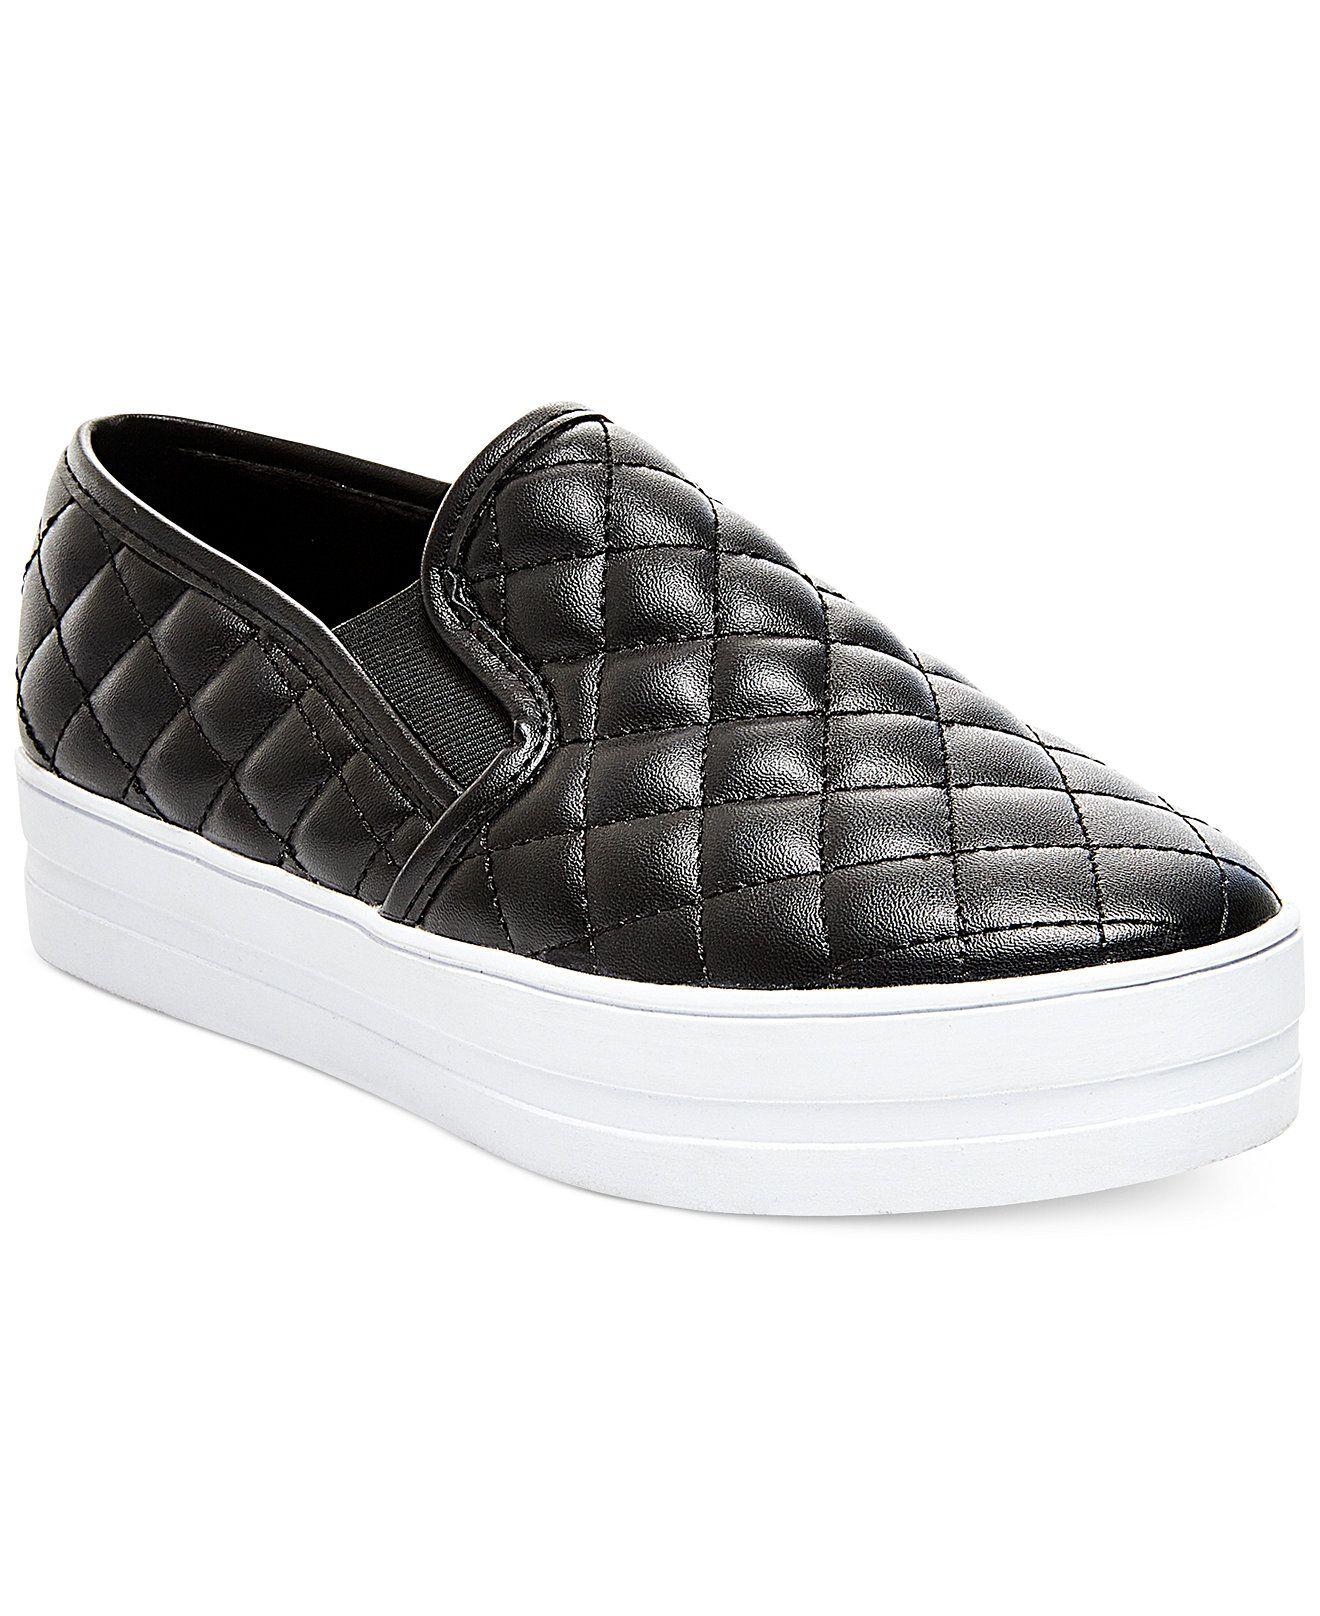 steve madden shoes glitter foxing dealer streamers 1001419